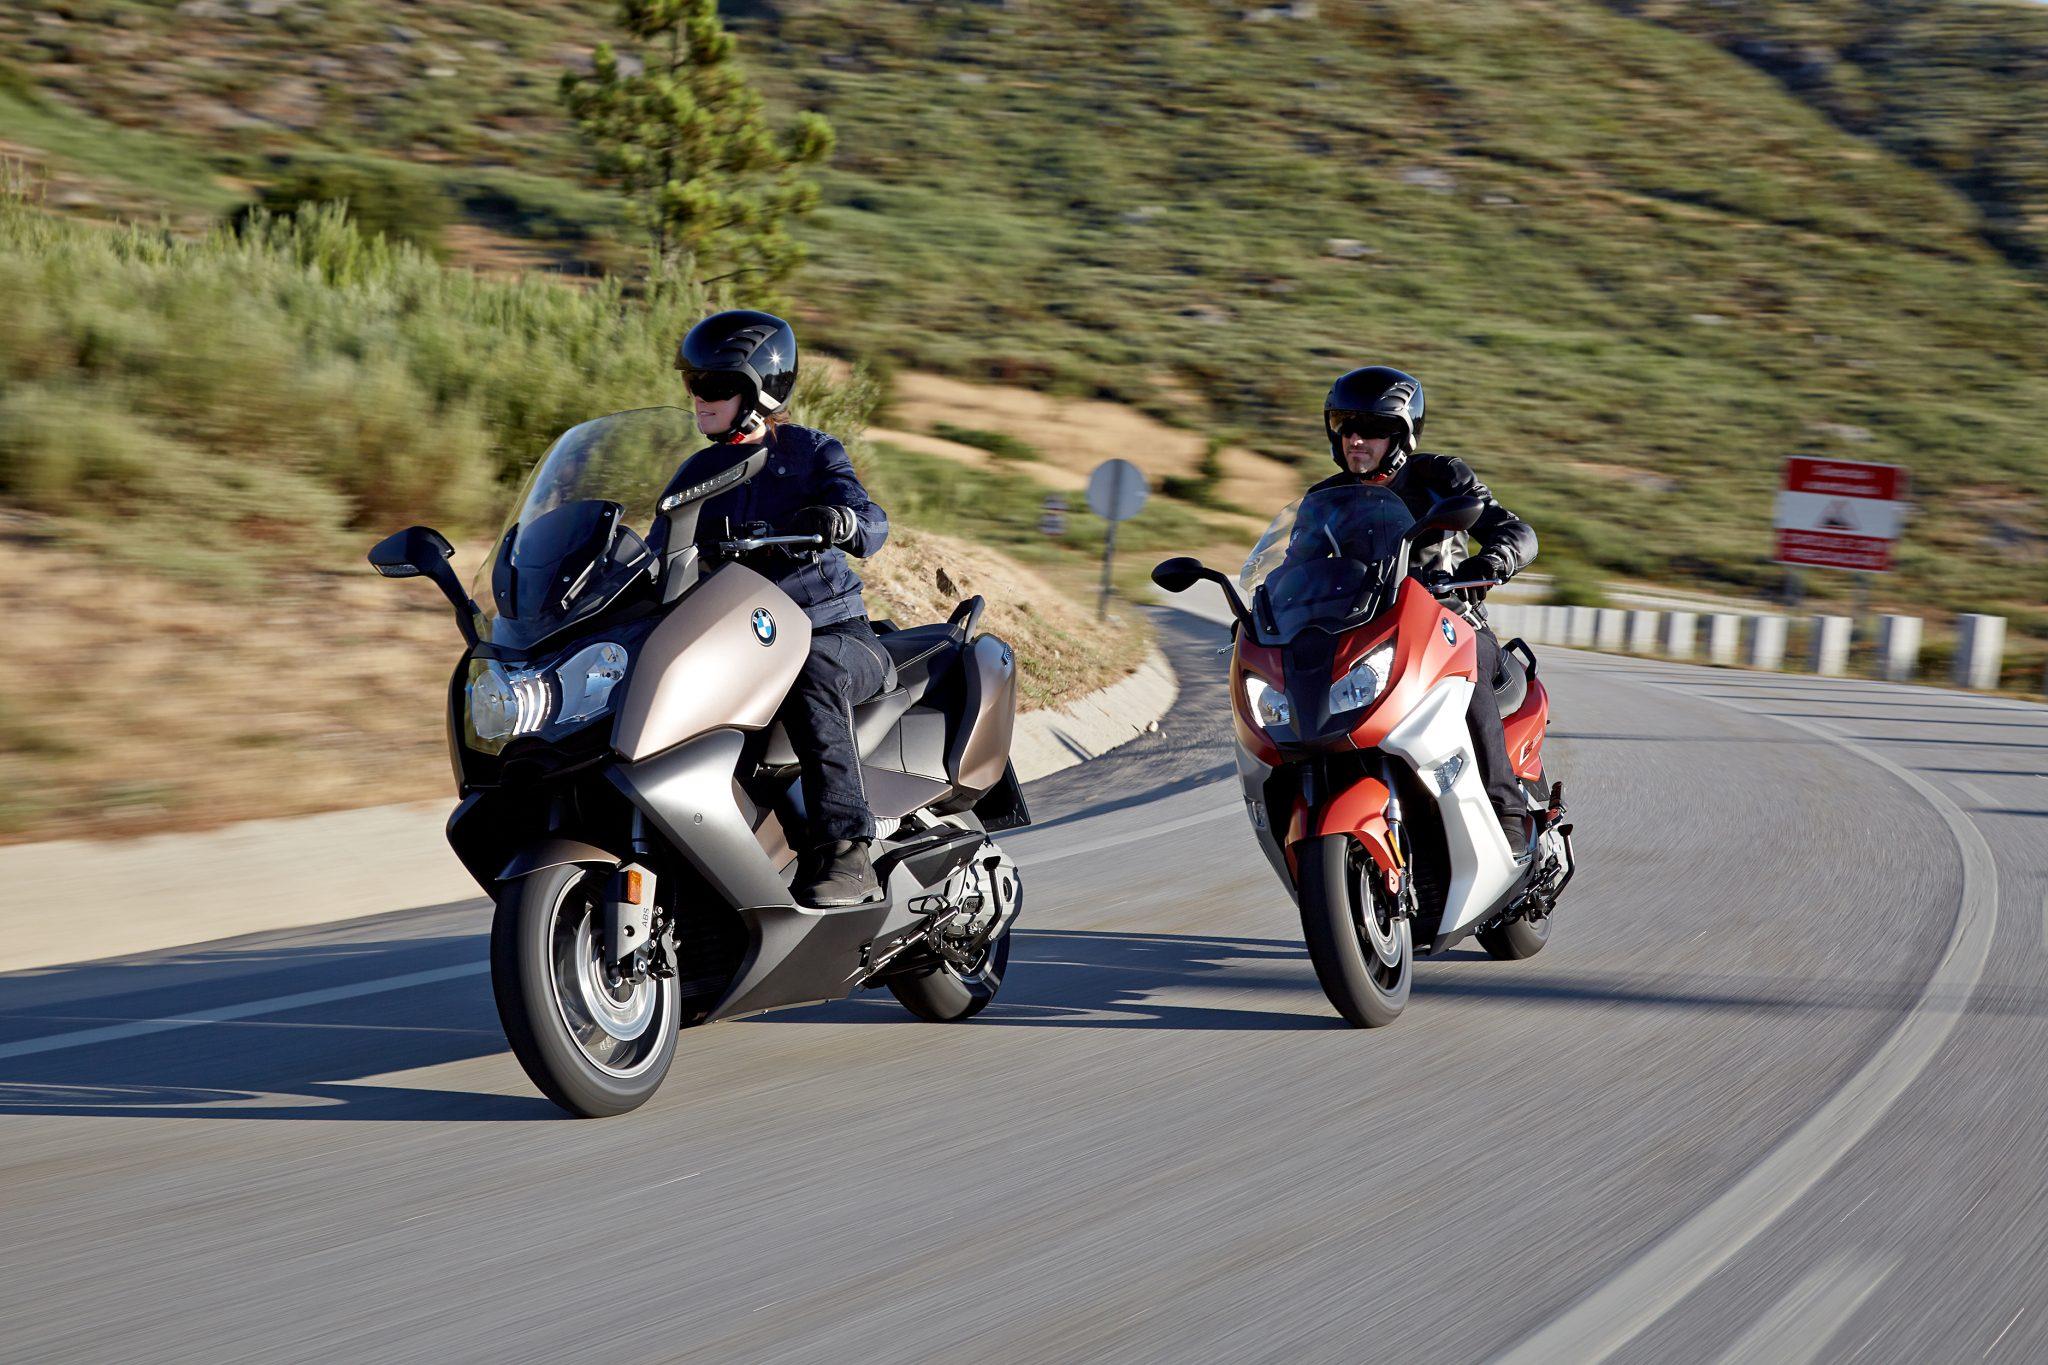 Prijzen van de nieuwe BMW C 650 Sport en BMW C 650 GT